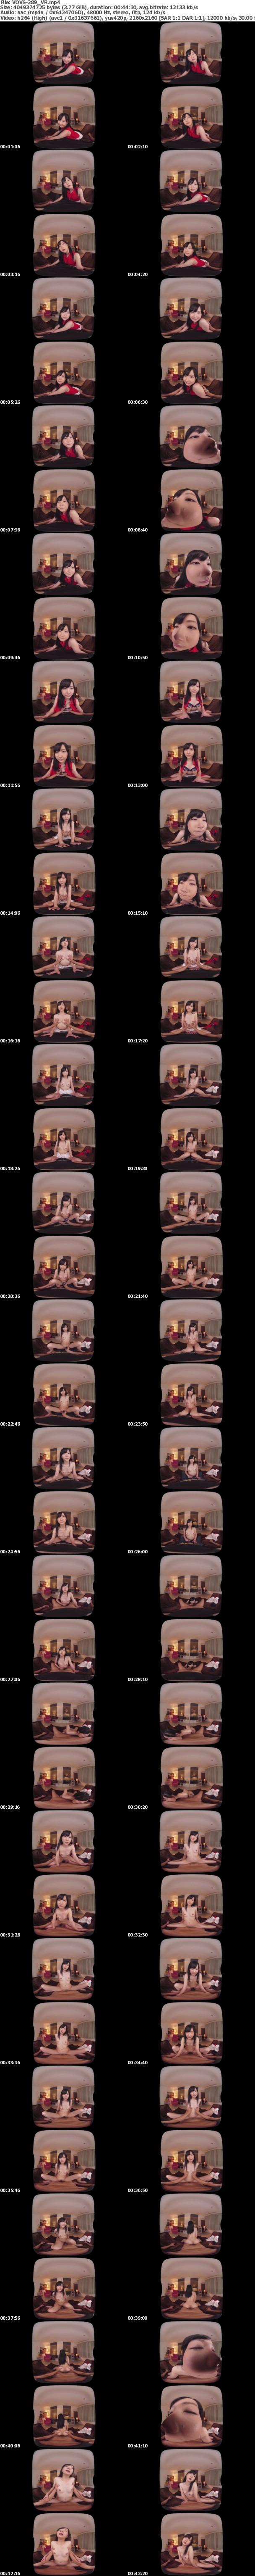 VR/3D VOVS-289 【VR】長尺44分・高画質 ラブイチャVR彼女 黒髪で清純な彼女が、僕だけに見せるエッチな素顔 あまね弥生